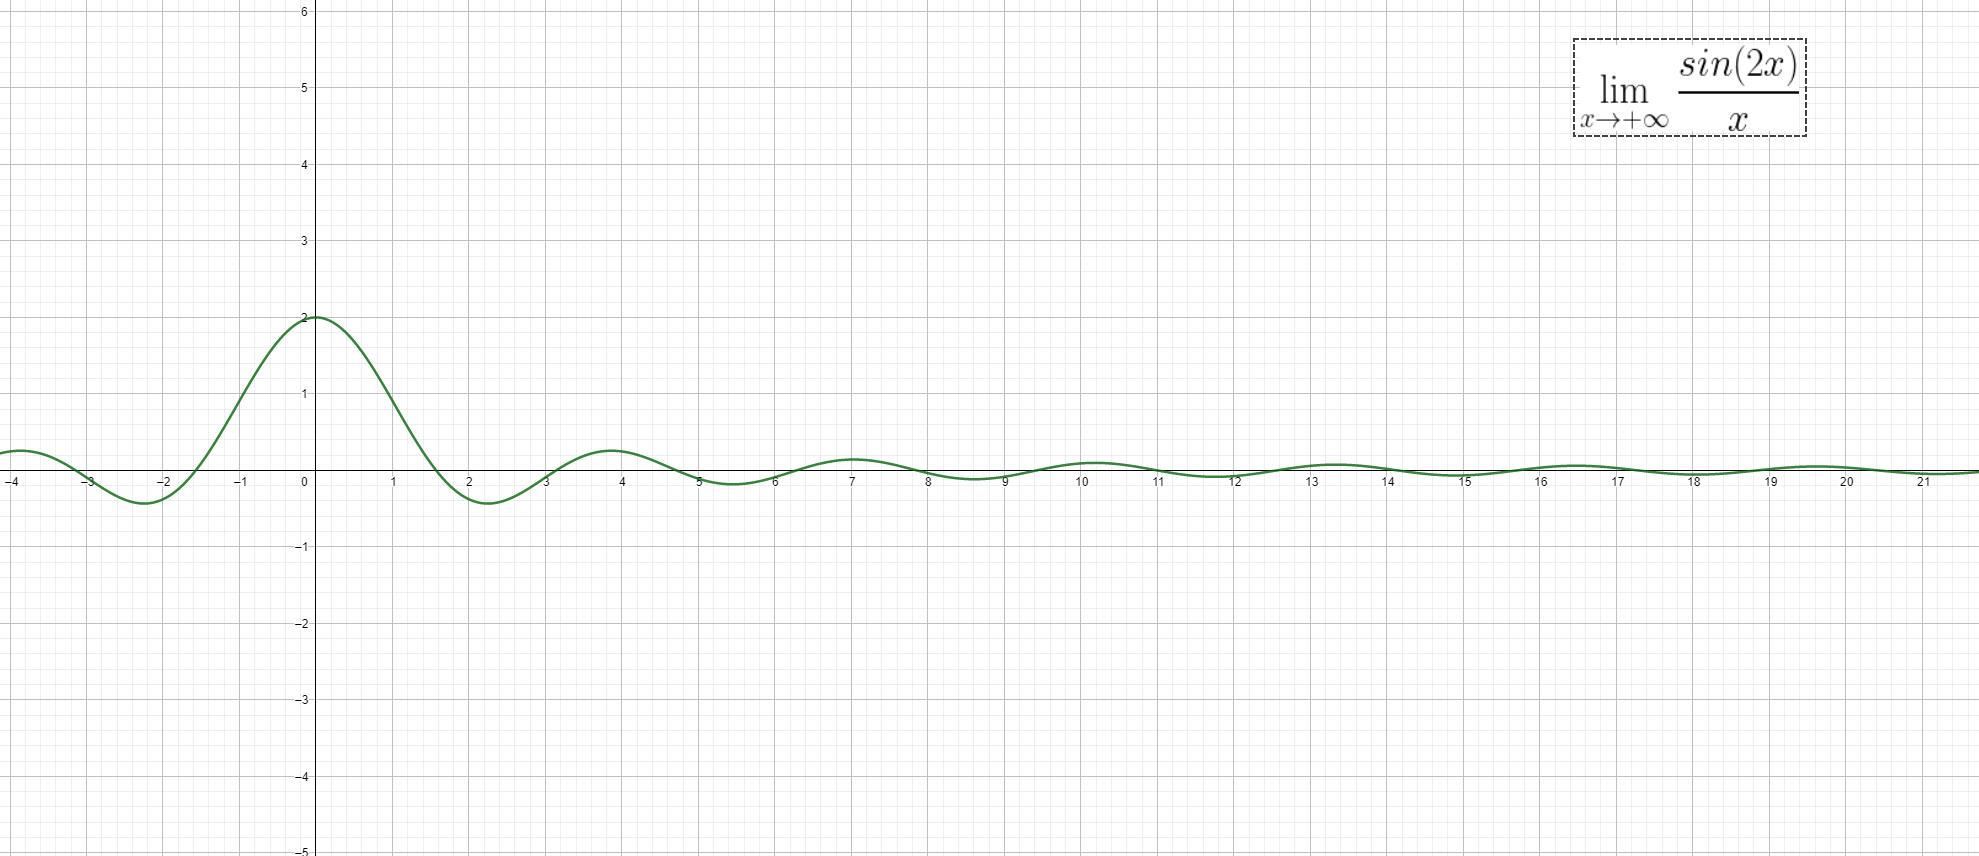 Analisi Matematica - f(x)=sin(2x)x^-1 - Grafico della funzione - AM015-01